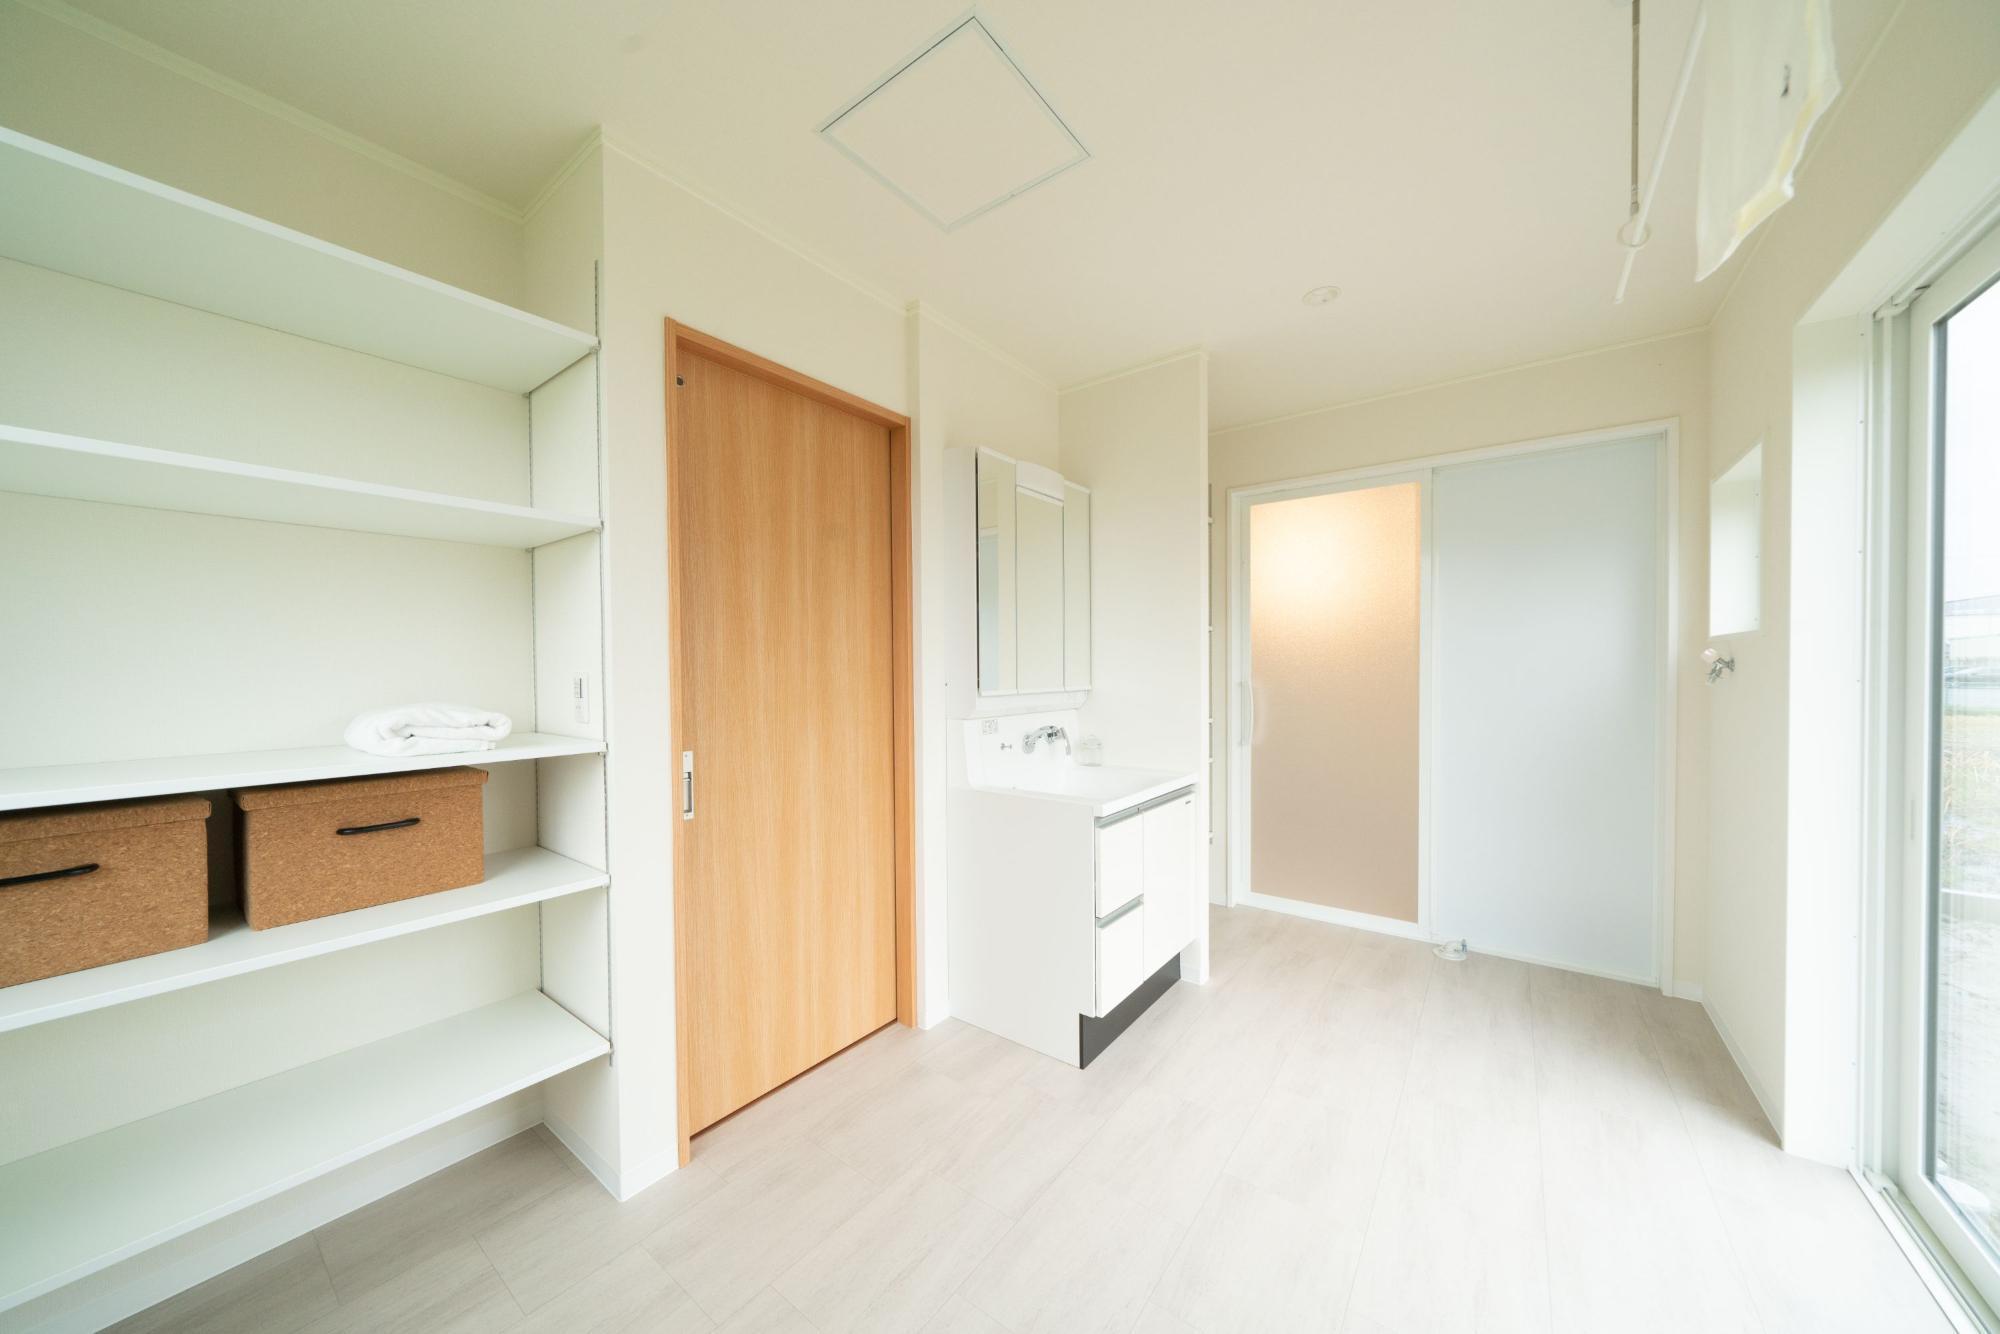 サンルームを兼ねた洗面脱衣室